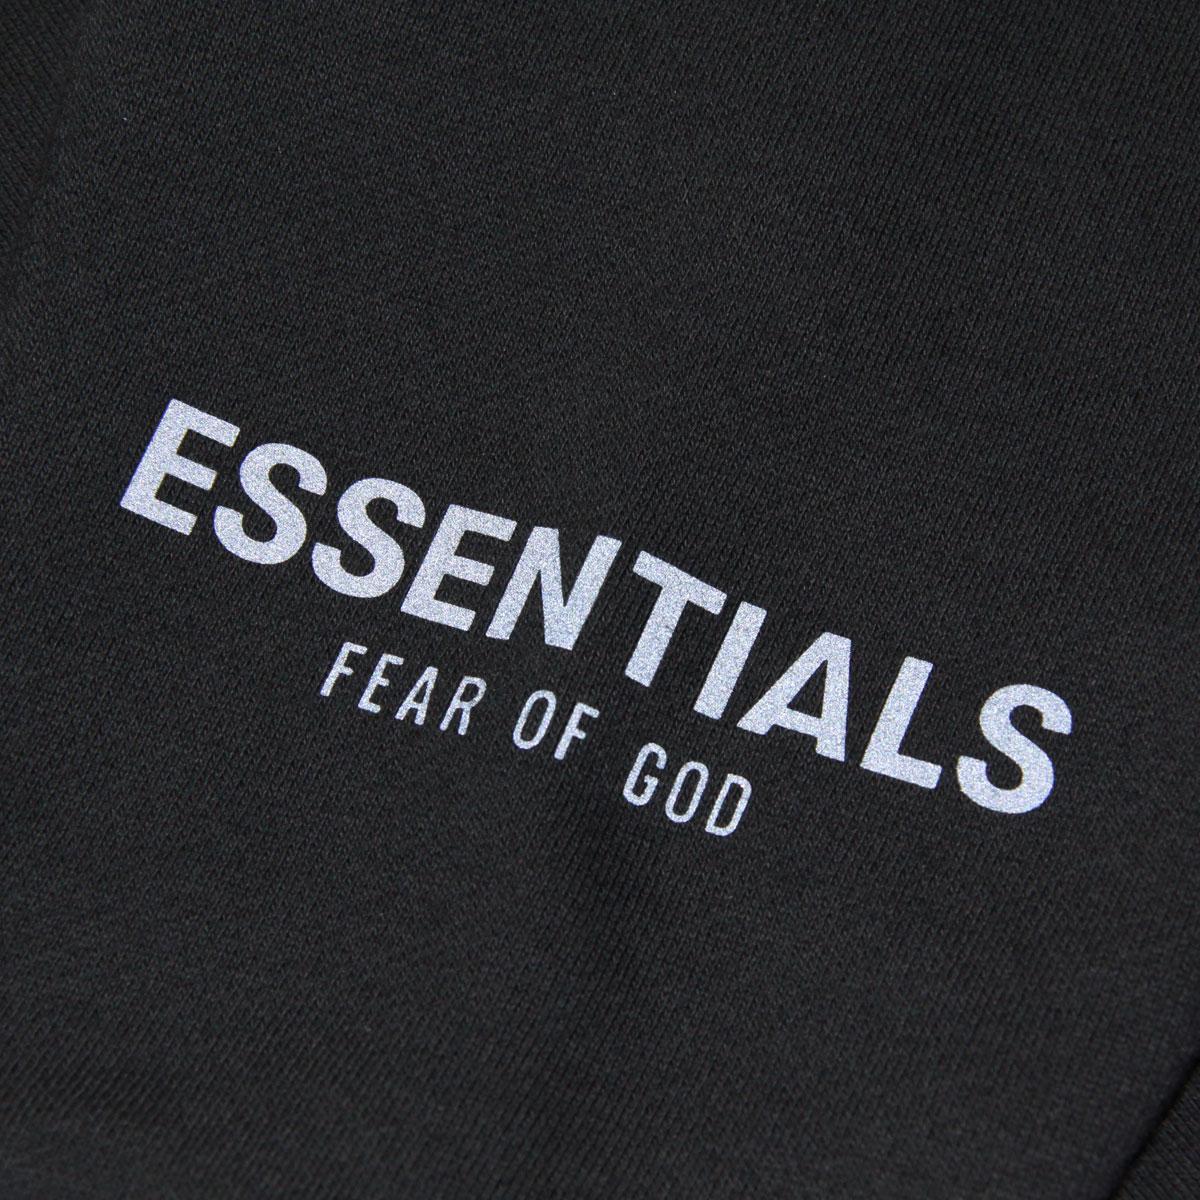 フィアオブゴッド パーカー メンズ 正規品 FEAR OF GOD エッセンシャルズ プルオーバー ロゴ FOG - FEAR OF GOD ESSENTIALS CORE HOODIE BLACK AA5B B1C C1D D5E E13F ホワイトデー 2021 ラッピング無料